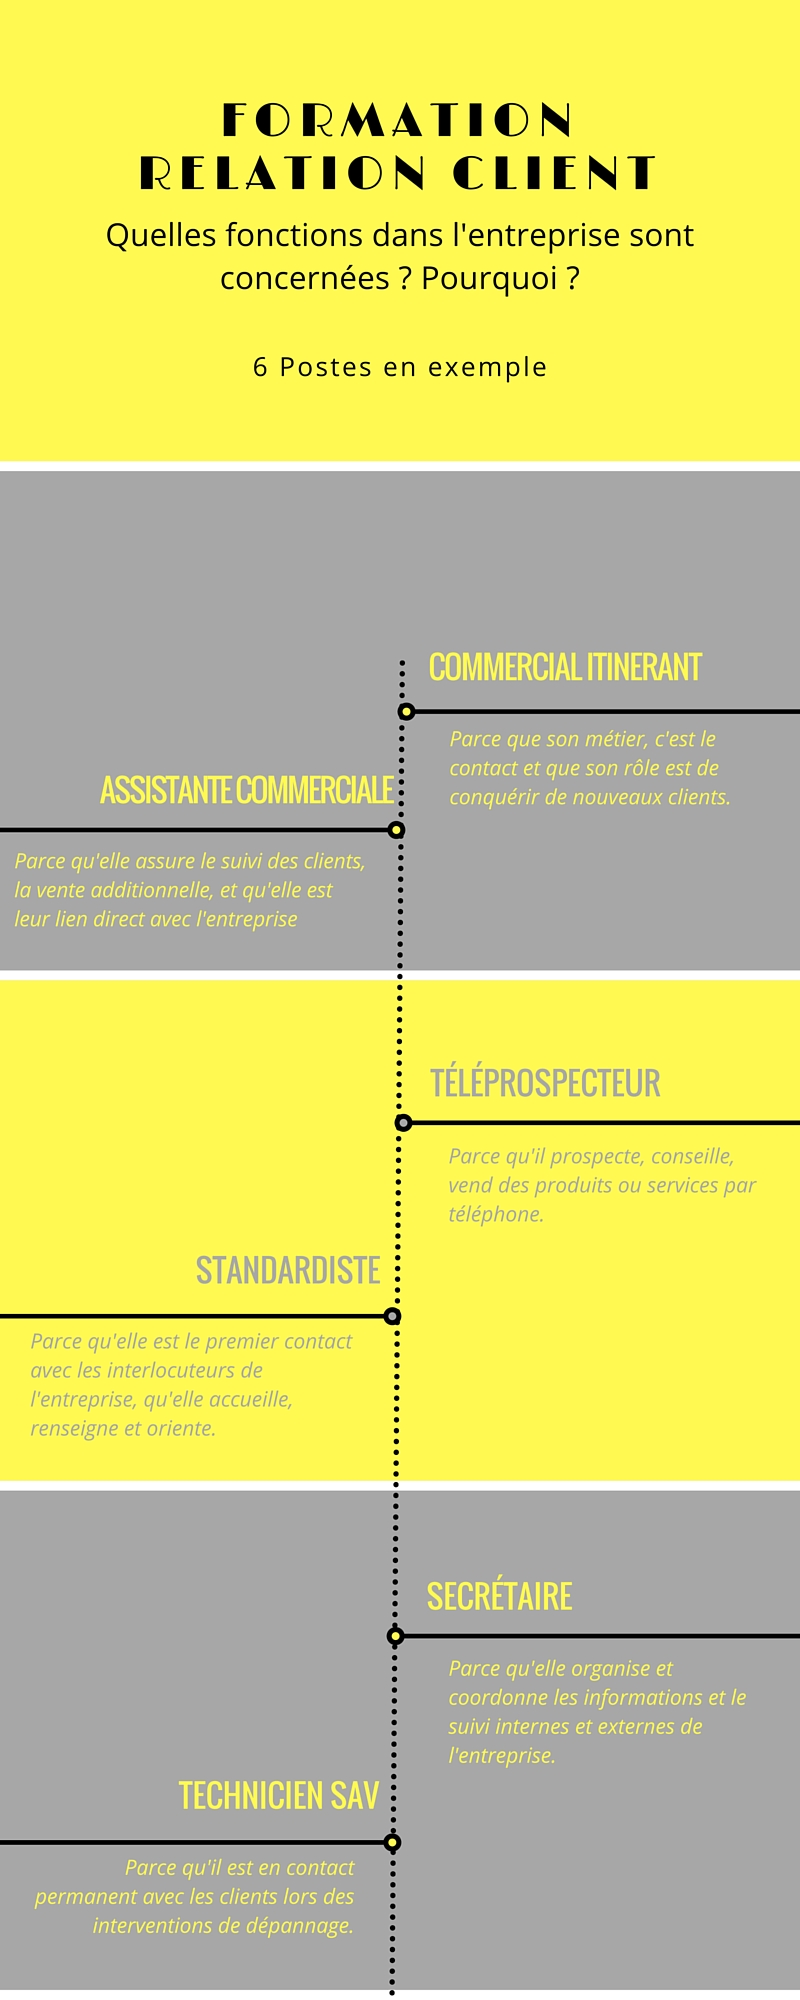 Infographie sur la Formation à la Relation Client